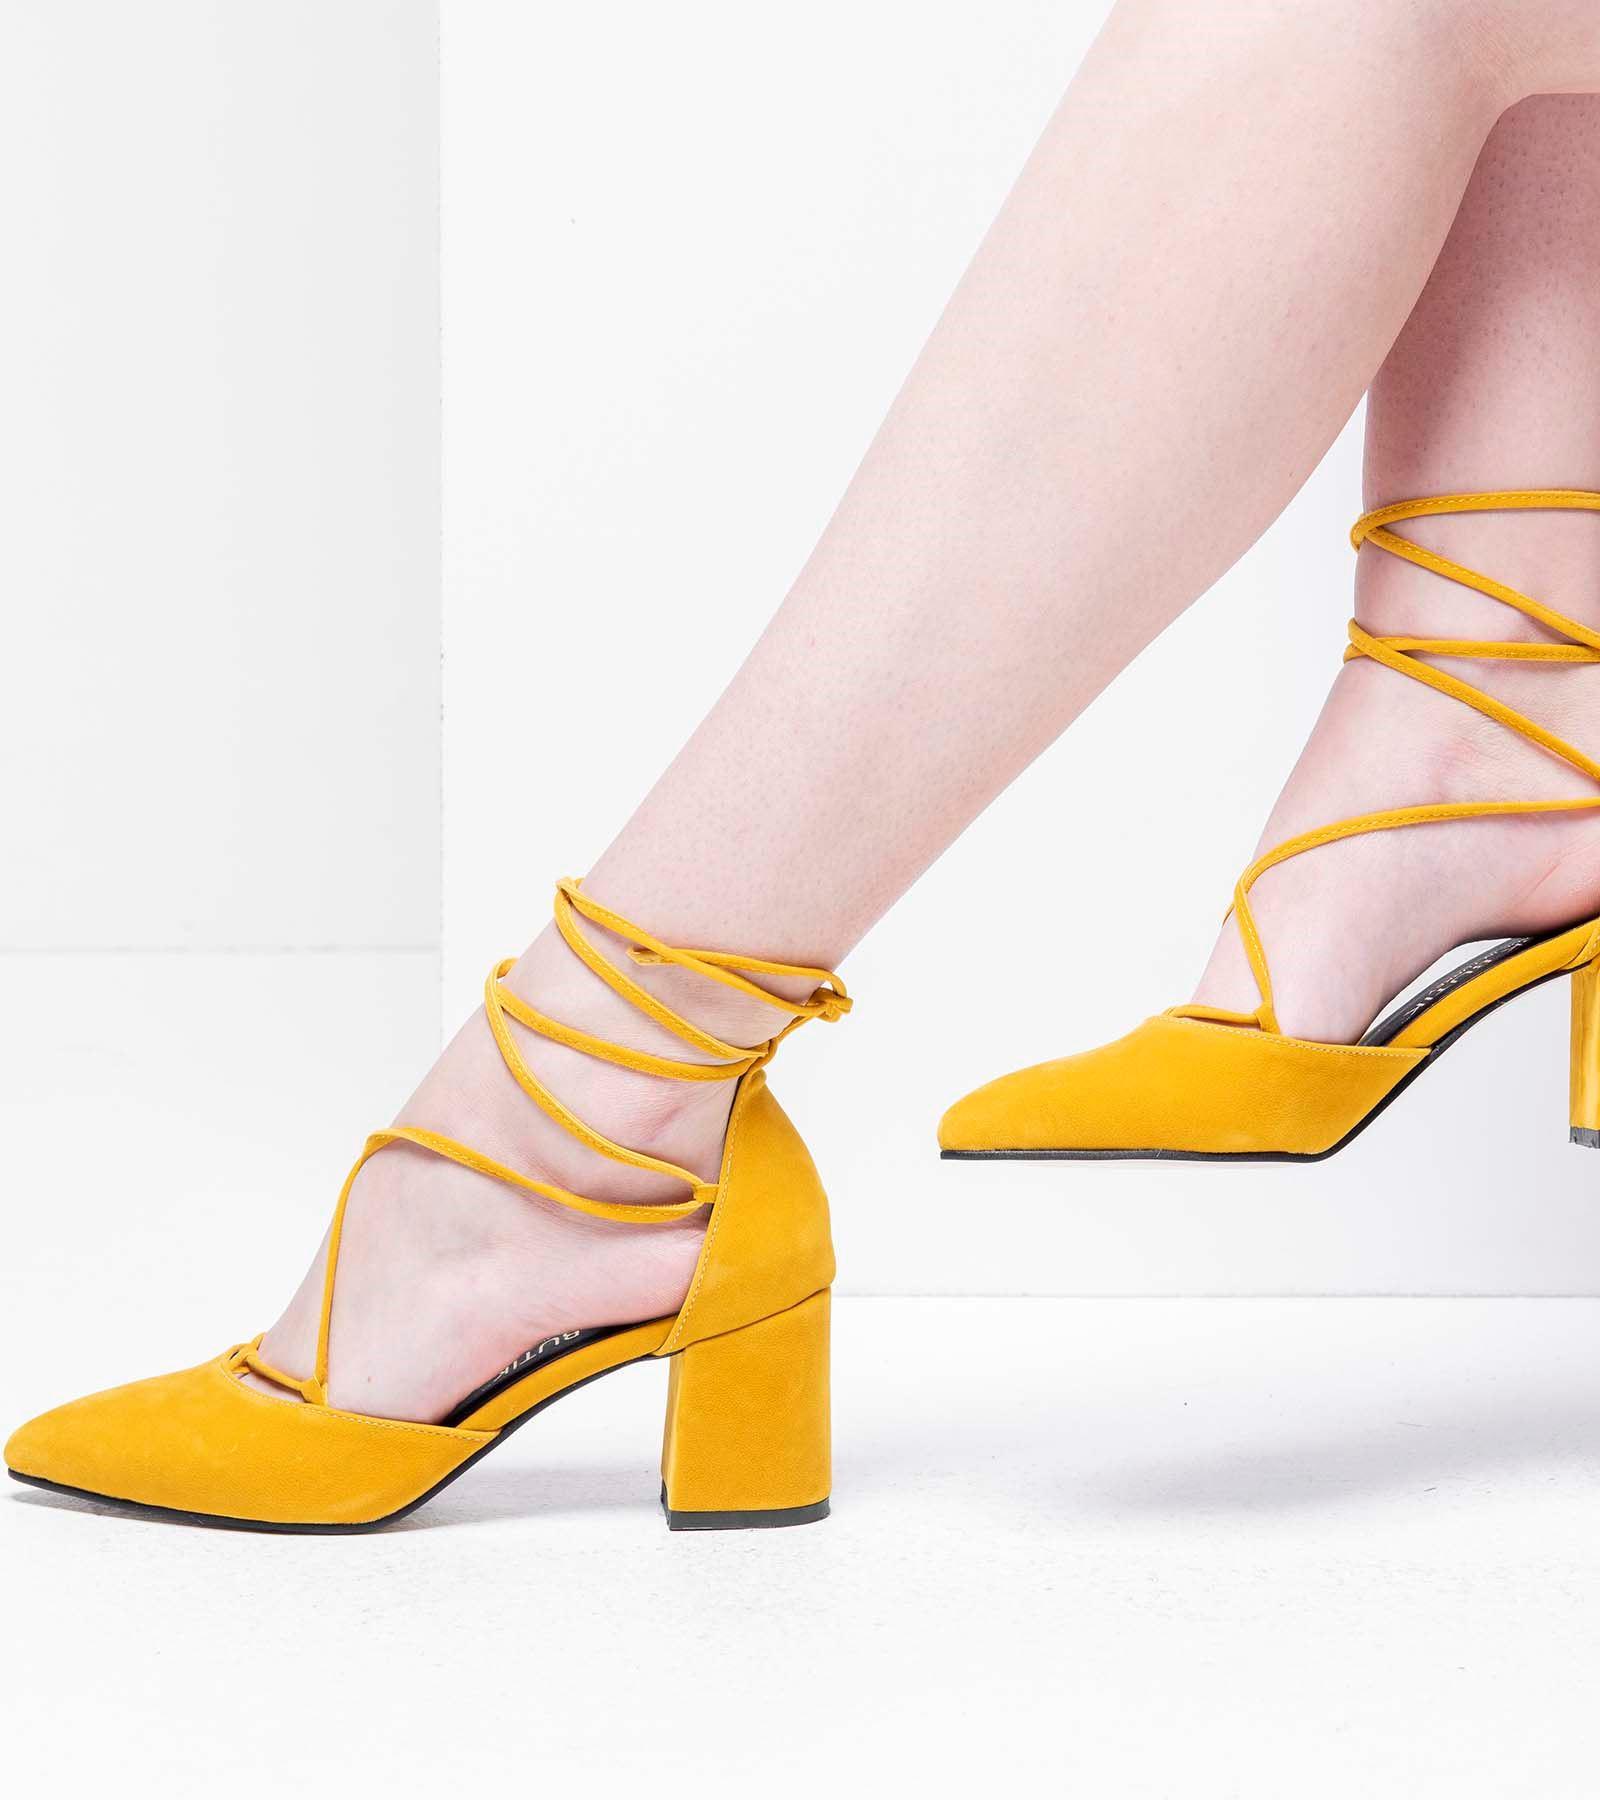 Lucy Topuklu Bağcıklı Süet Ayakkabı Hardal